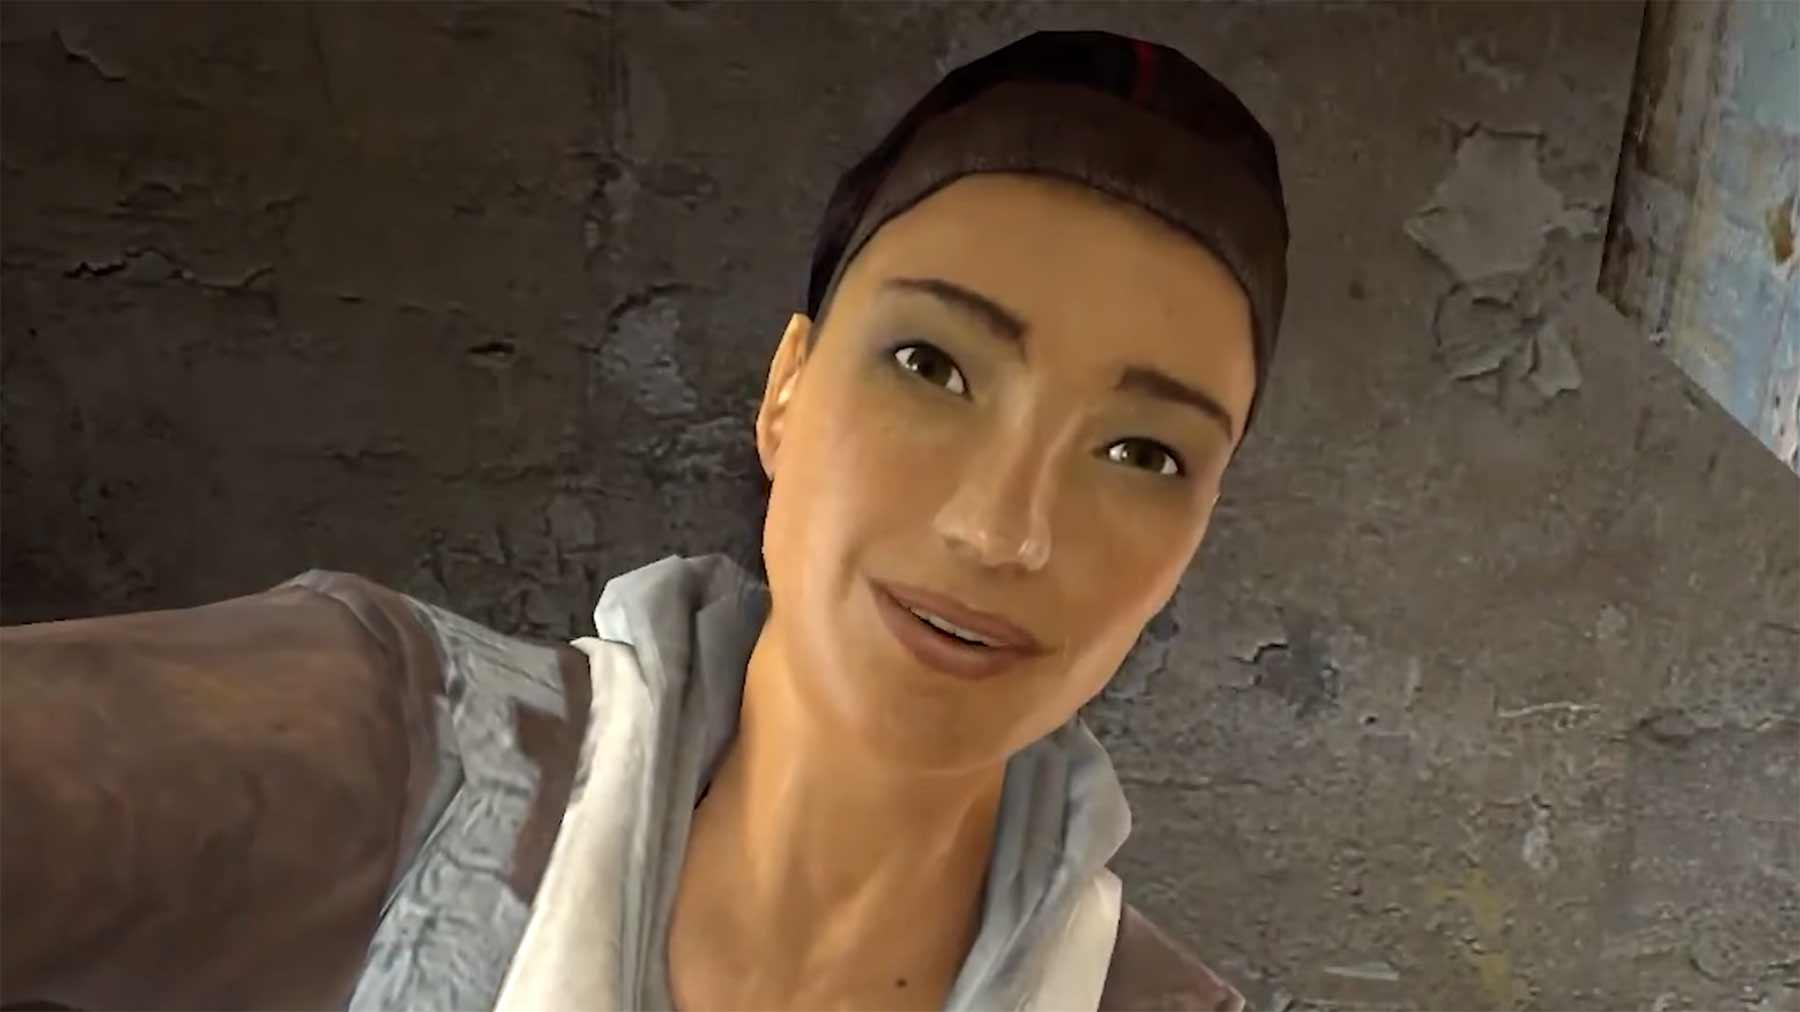 Half-Life 2: Entwickler reagieren auf 50-Minuten-Speedrun